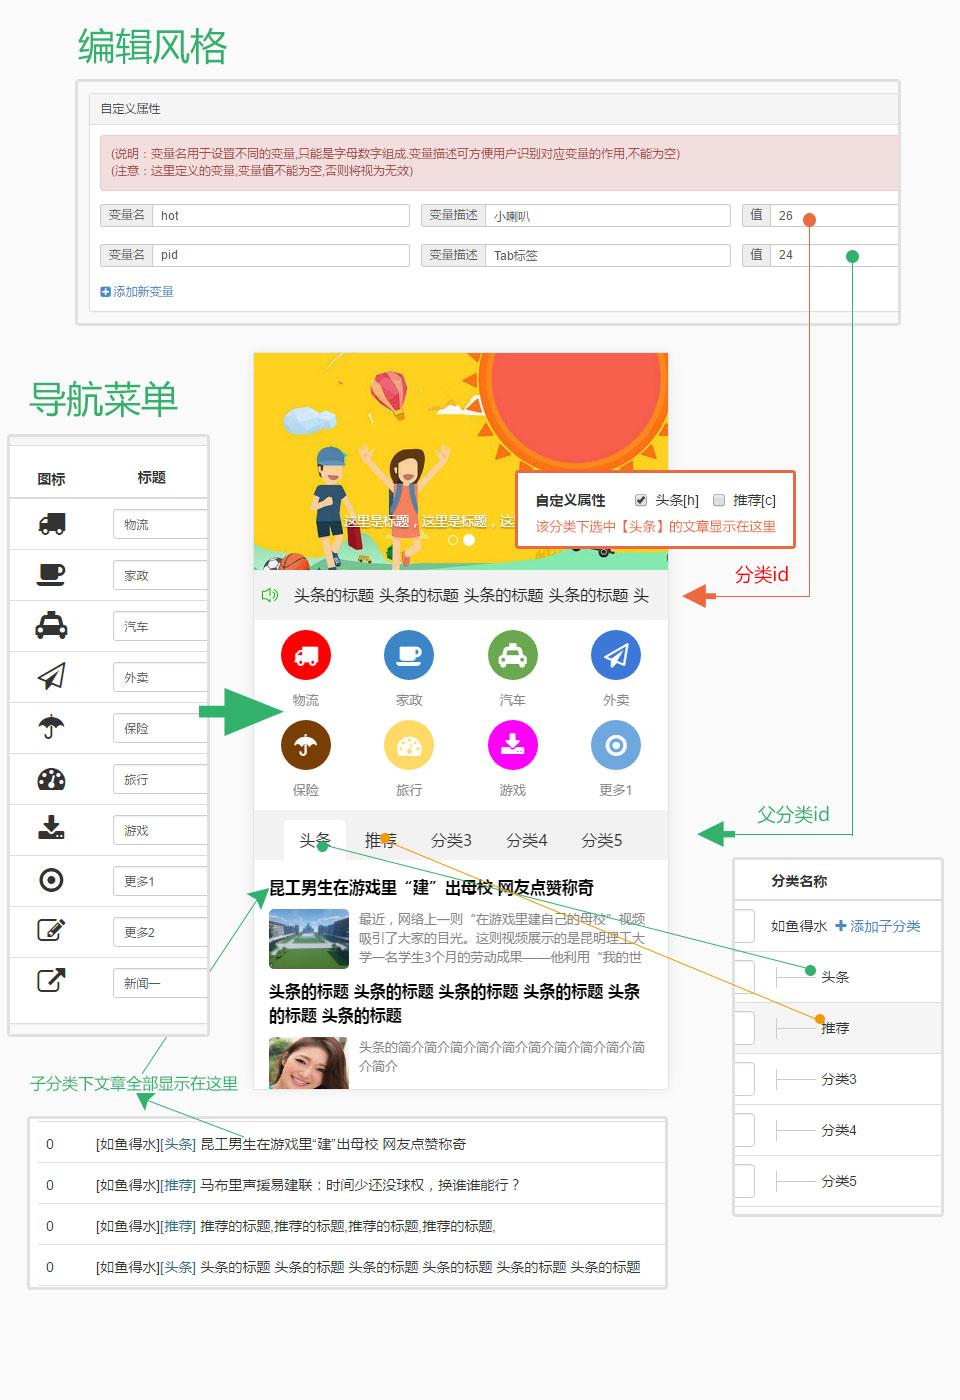 微擎微赞模块如鱼得水7.0.1-渔枫源码分享网